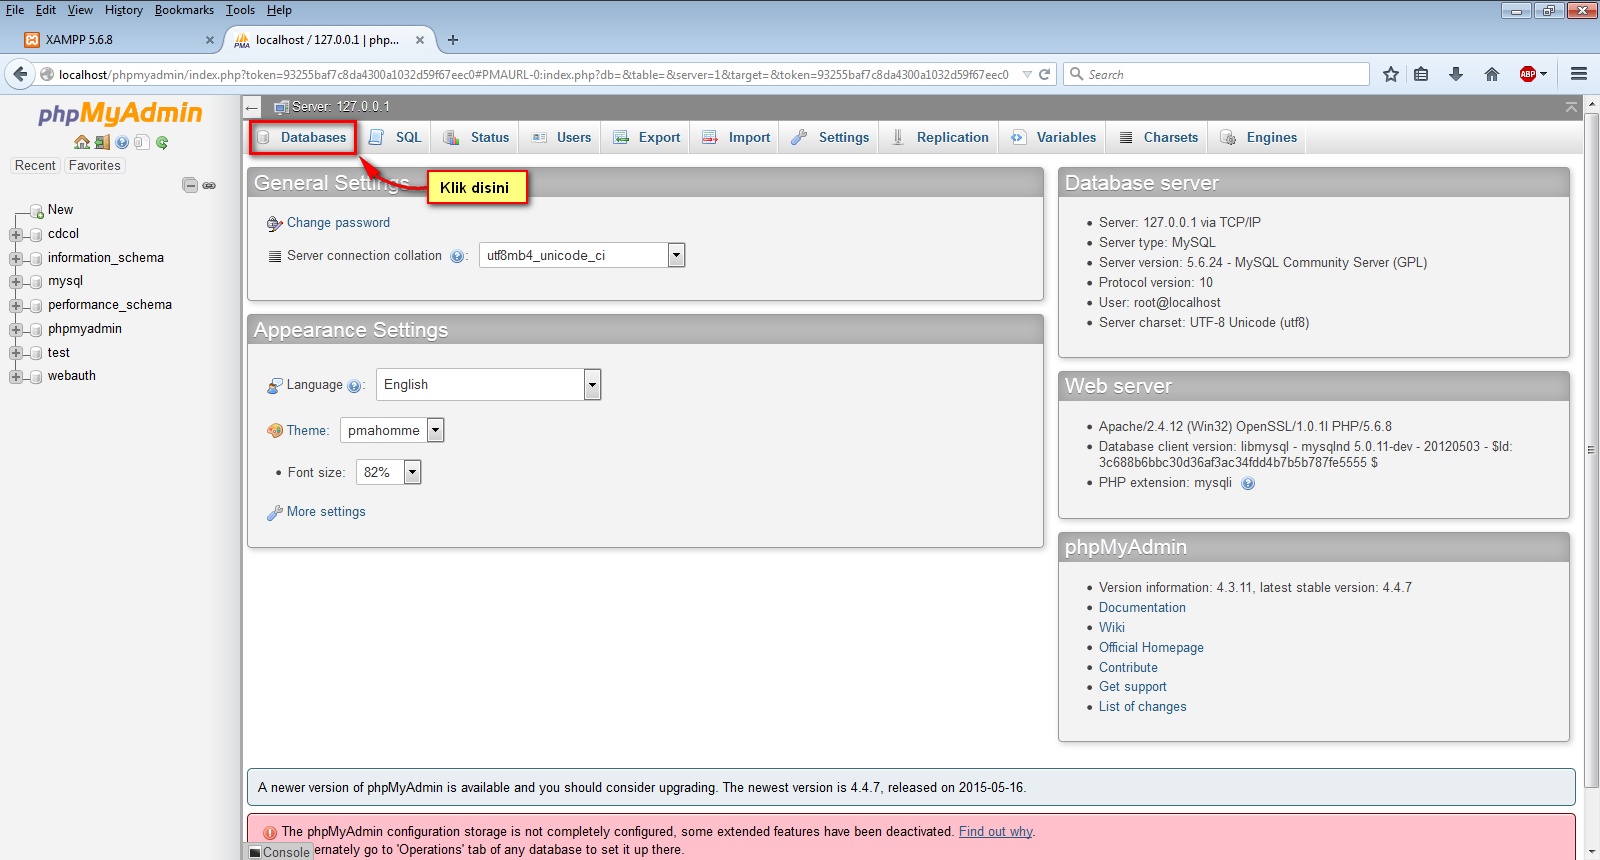 cara membuat database lewat xampp